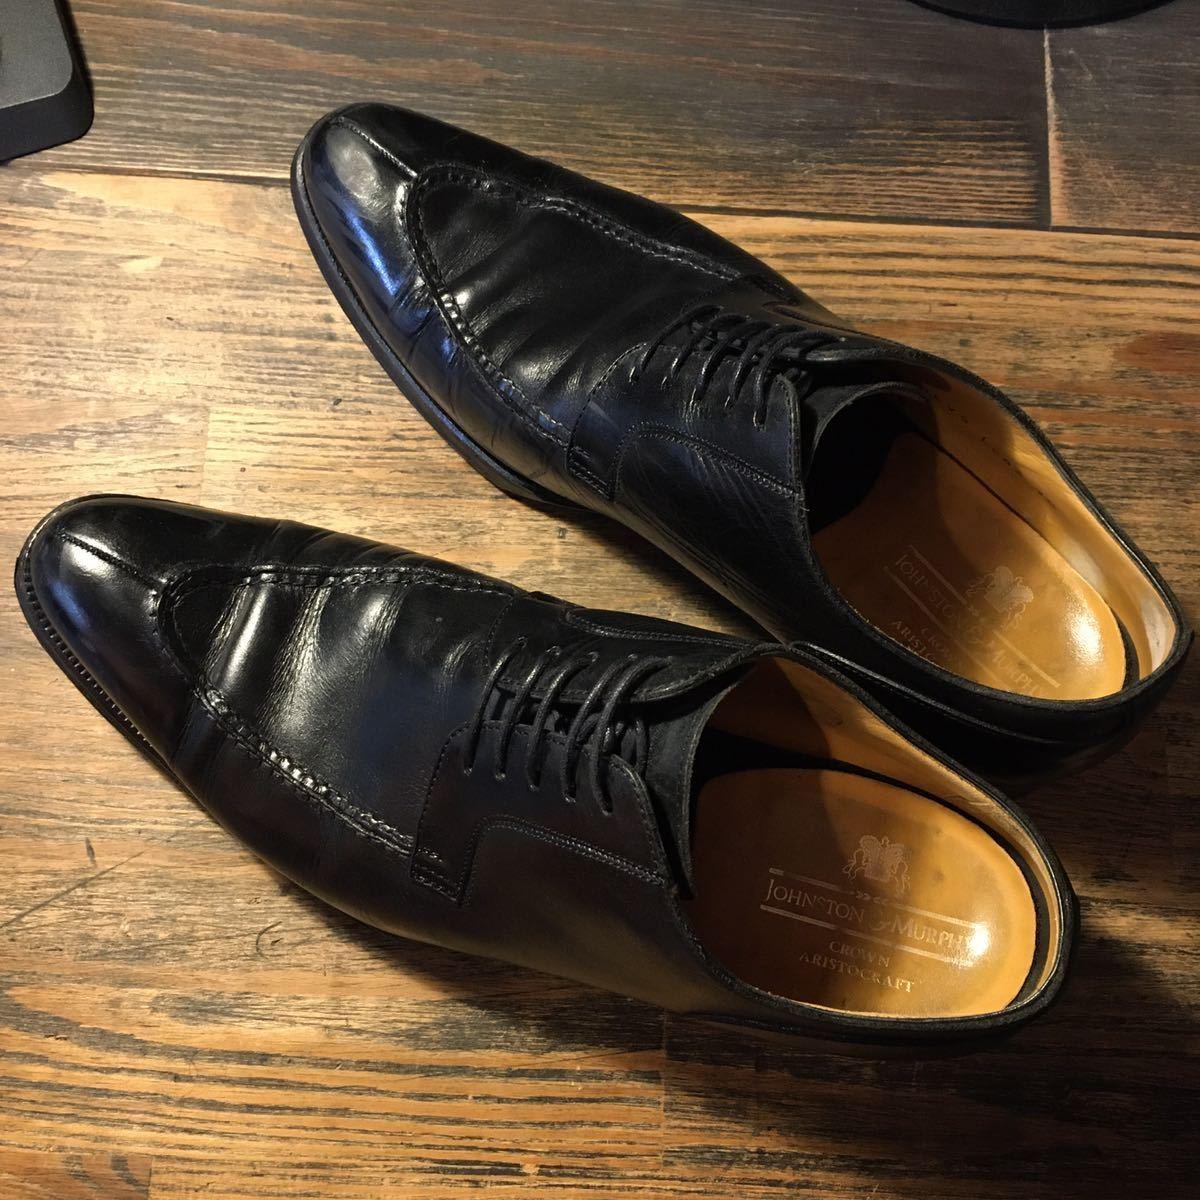 JOHNSTON&MURPHY ジョンストン&マーフィー 革靴 ビジネスシューズ 黒 本革 レザーシューズ ドレスシューズ ビブラムソール vibram_画像5